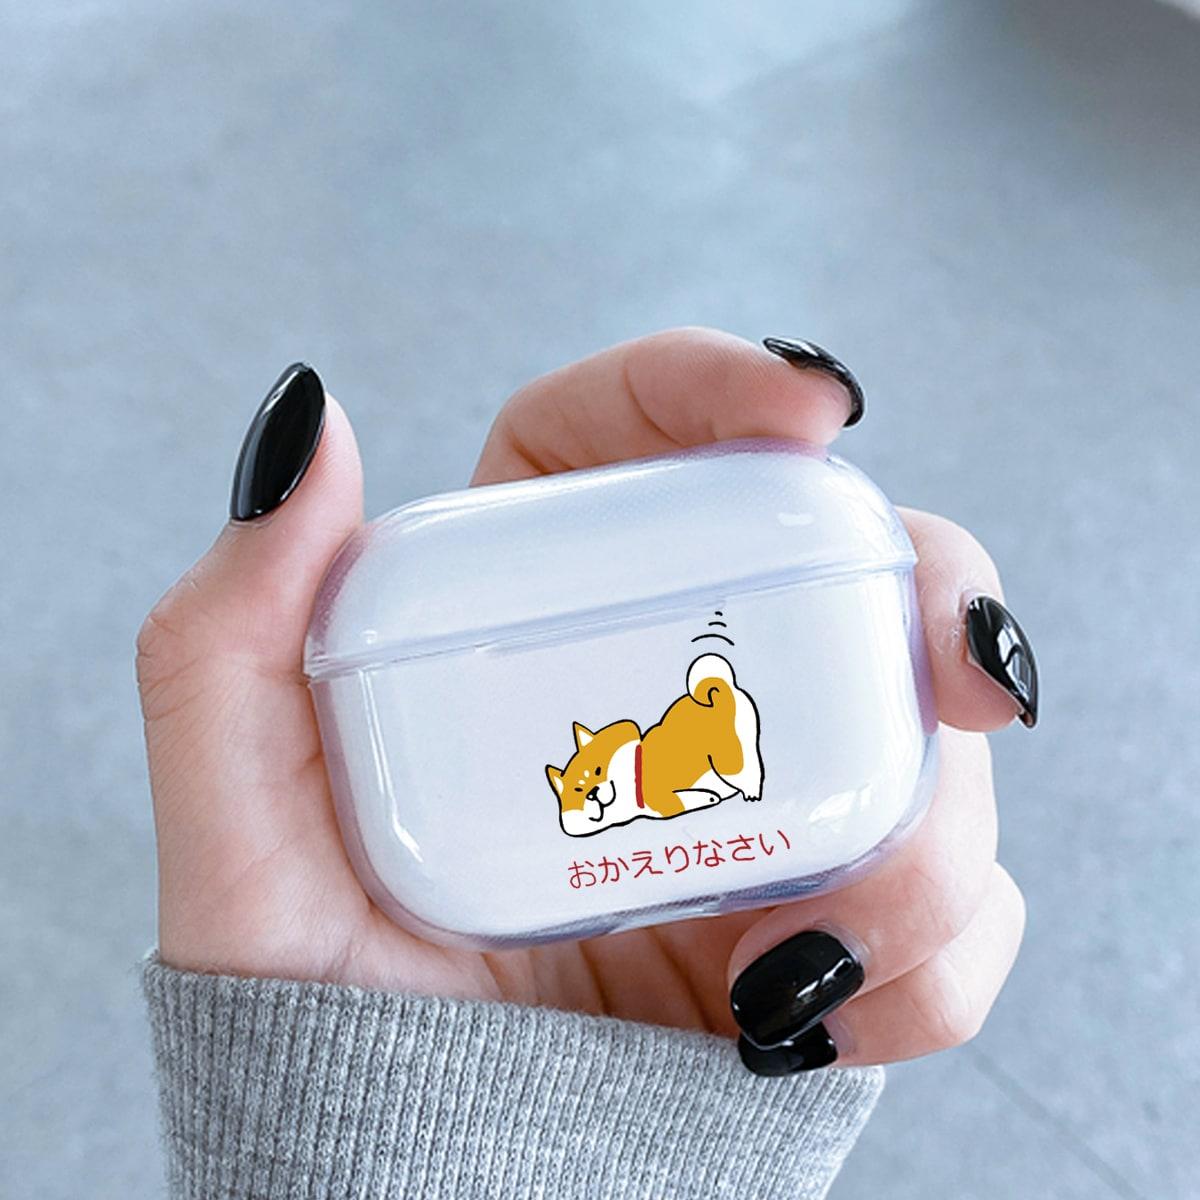 iPhone Чехлы для наушников